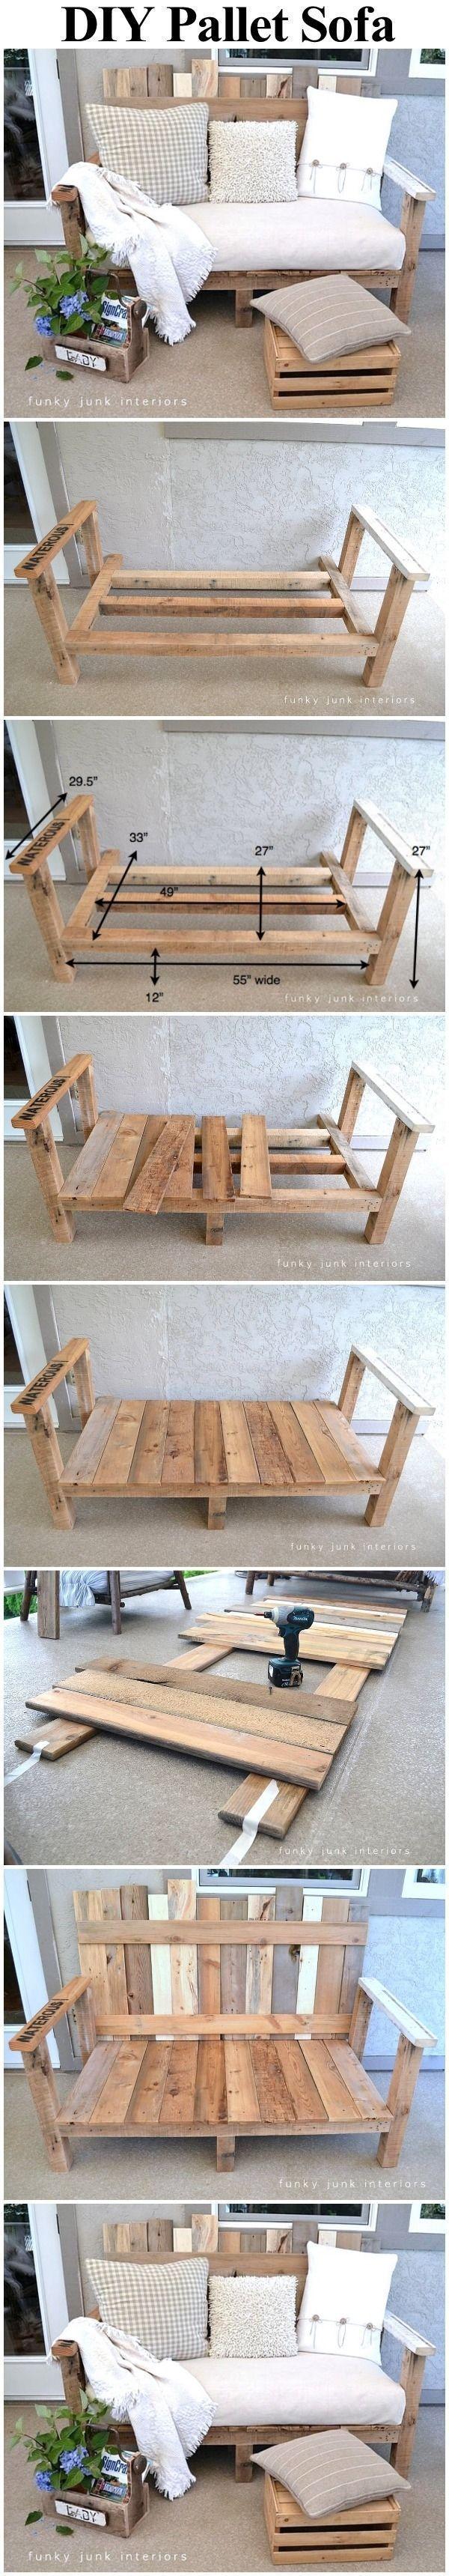 Wie baute ich das Palettenholzsofa (Teil 2) #palletbedroomfurniture